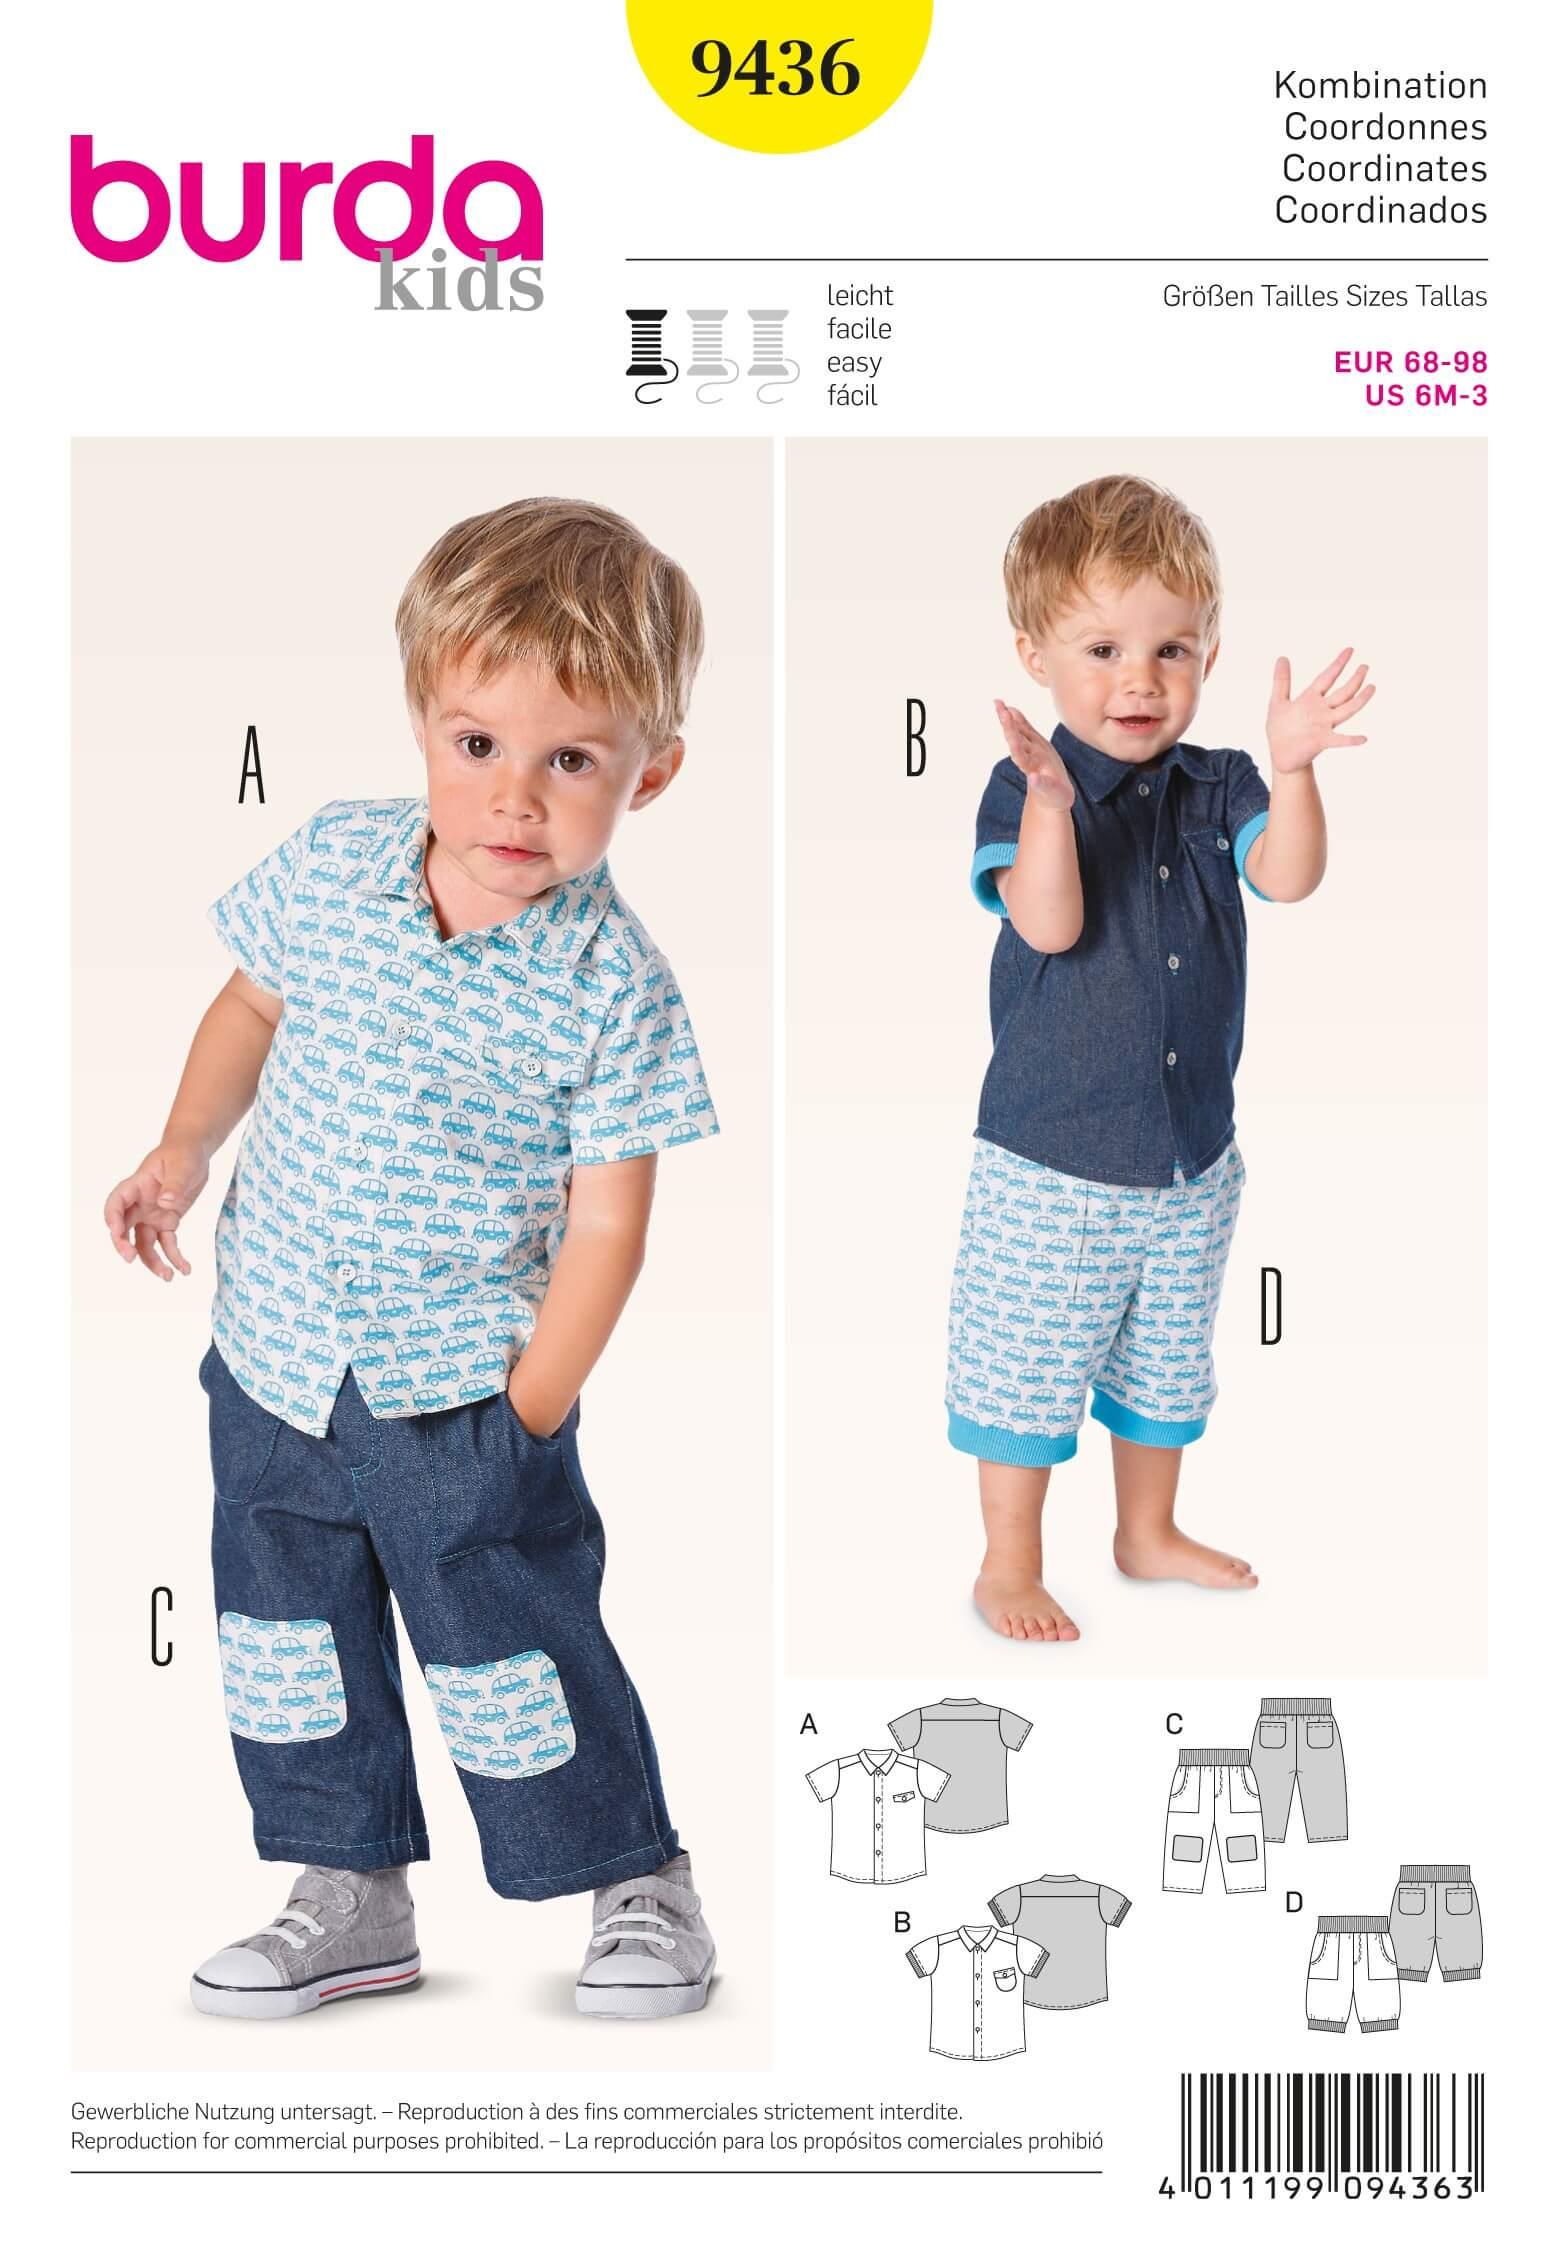 Burda Kids Boys Shirts Trousers Fabric Sewing Pattern 9436